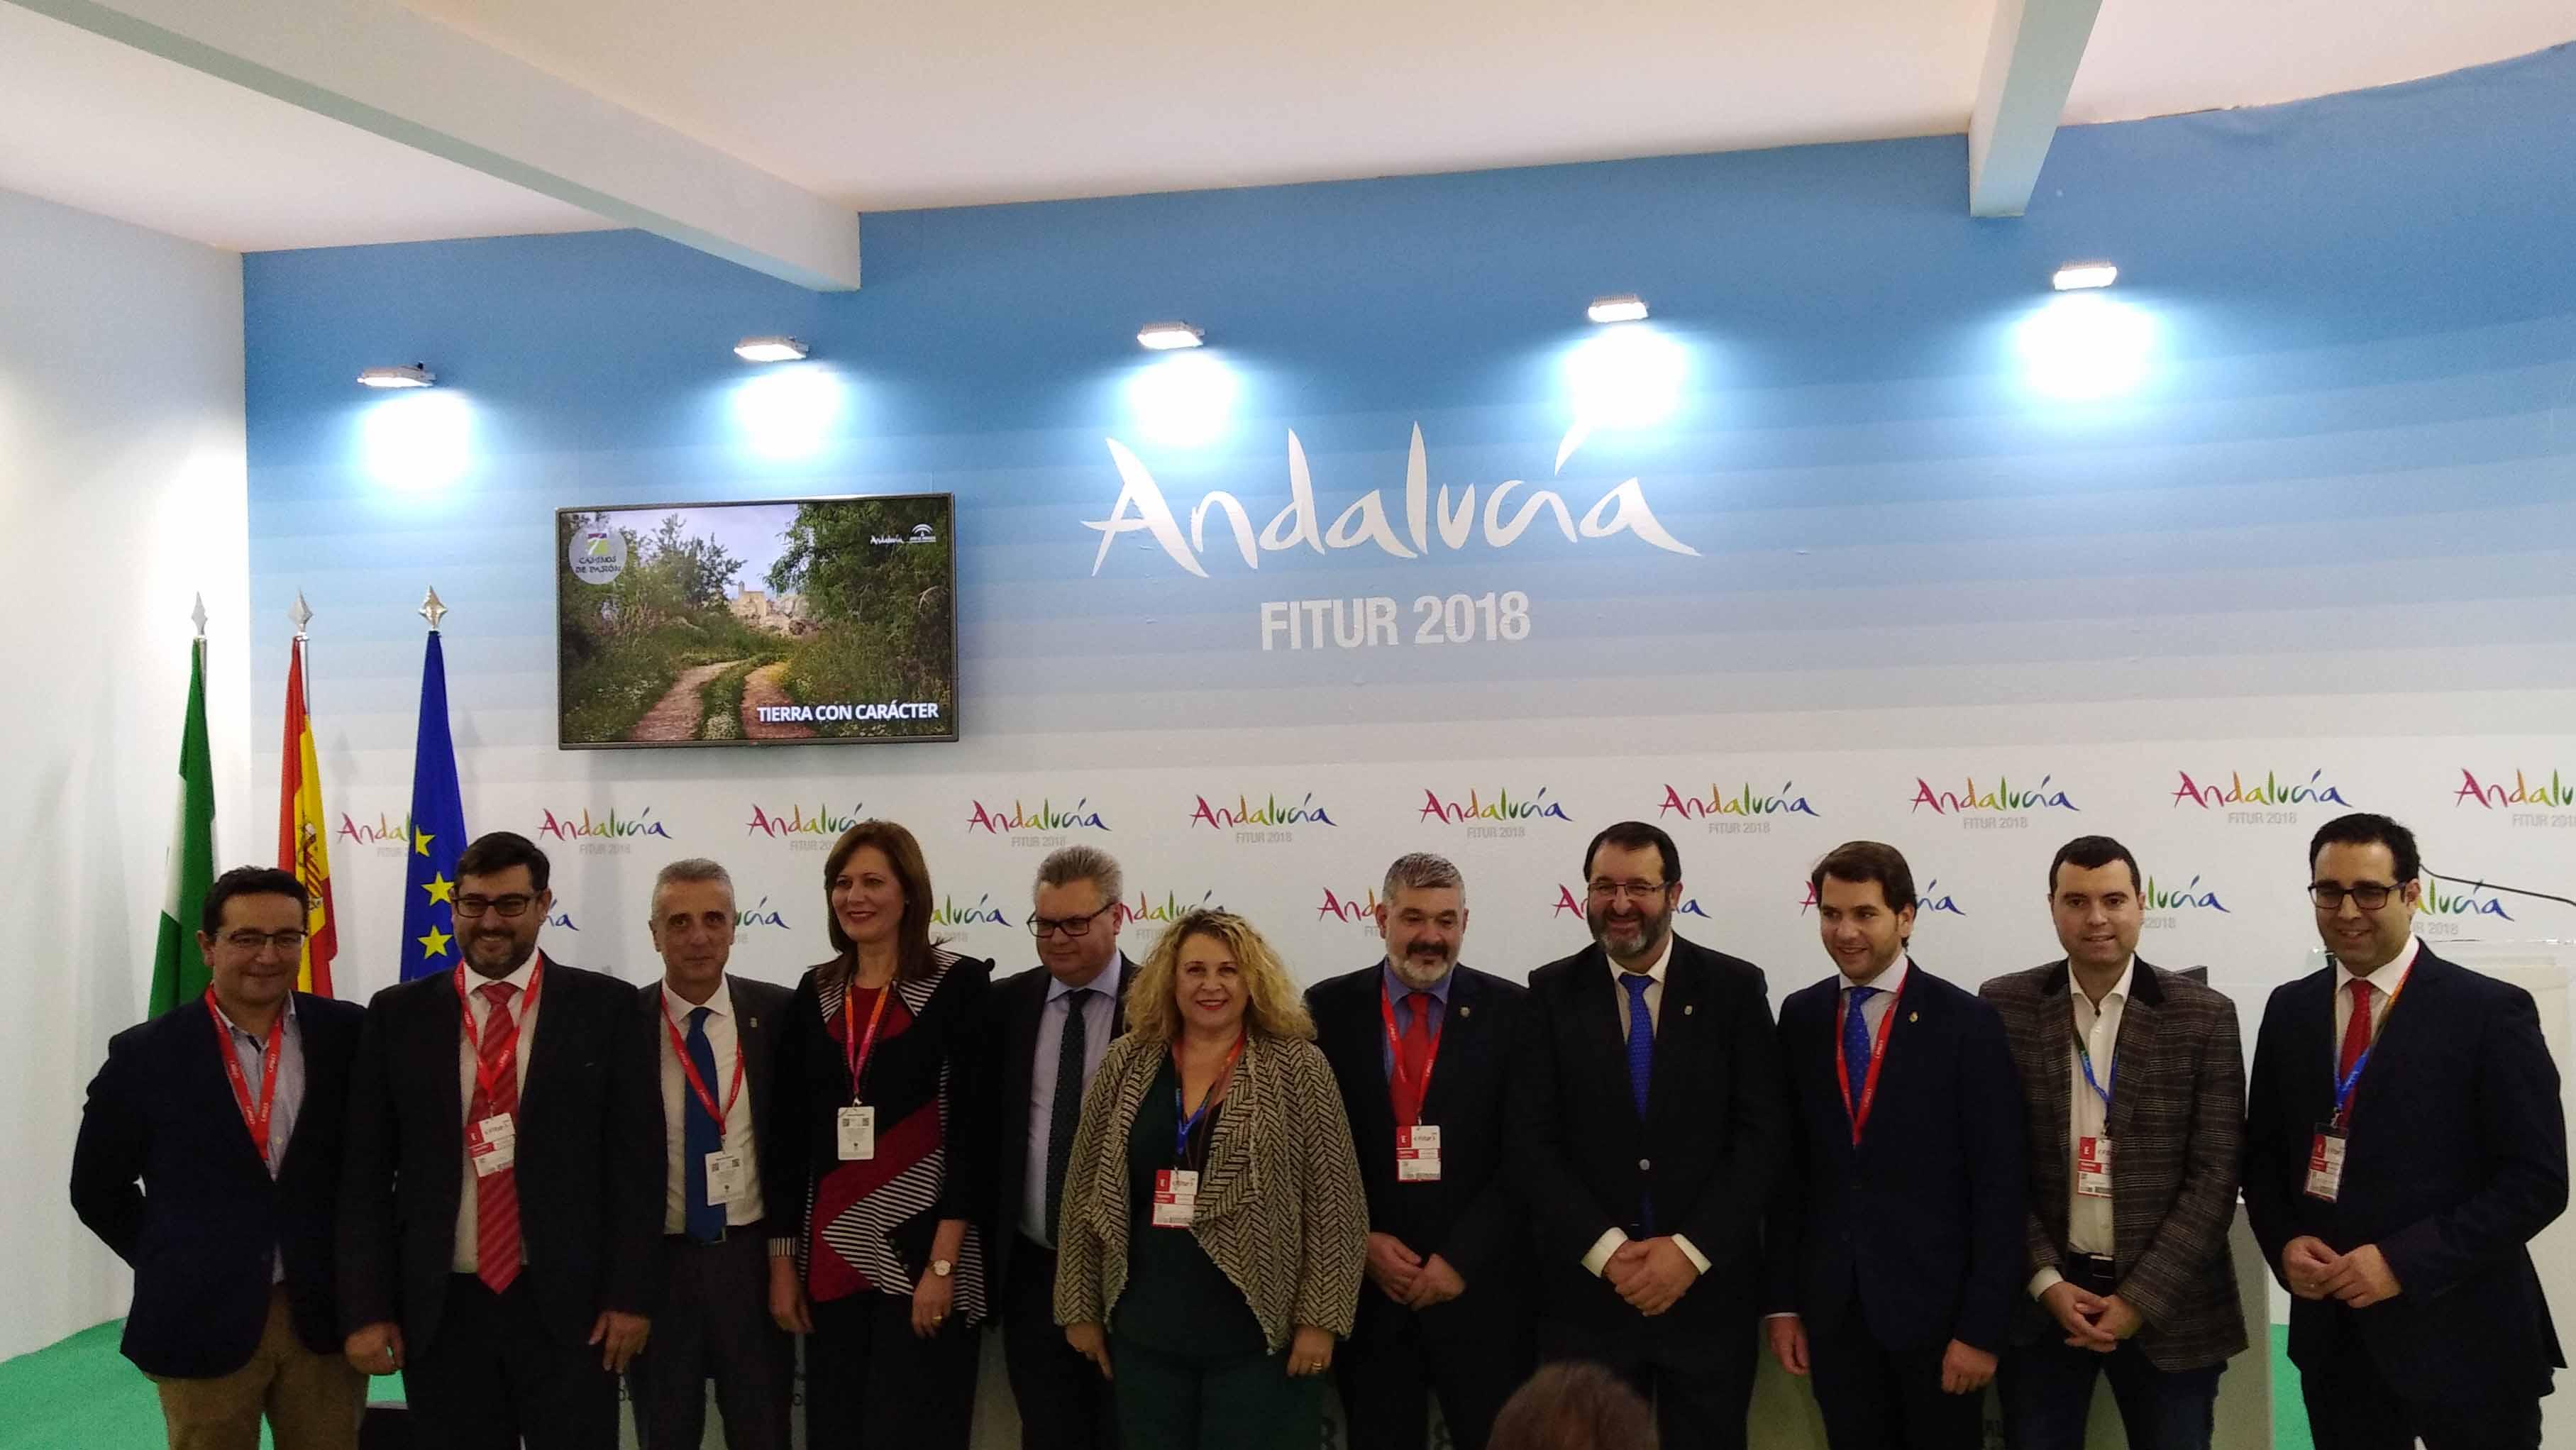 Los alcaldes de los municipios participantes en la ruta en la presentación en Fitur